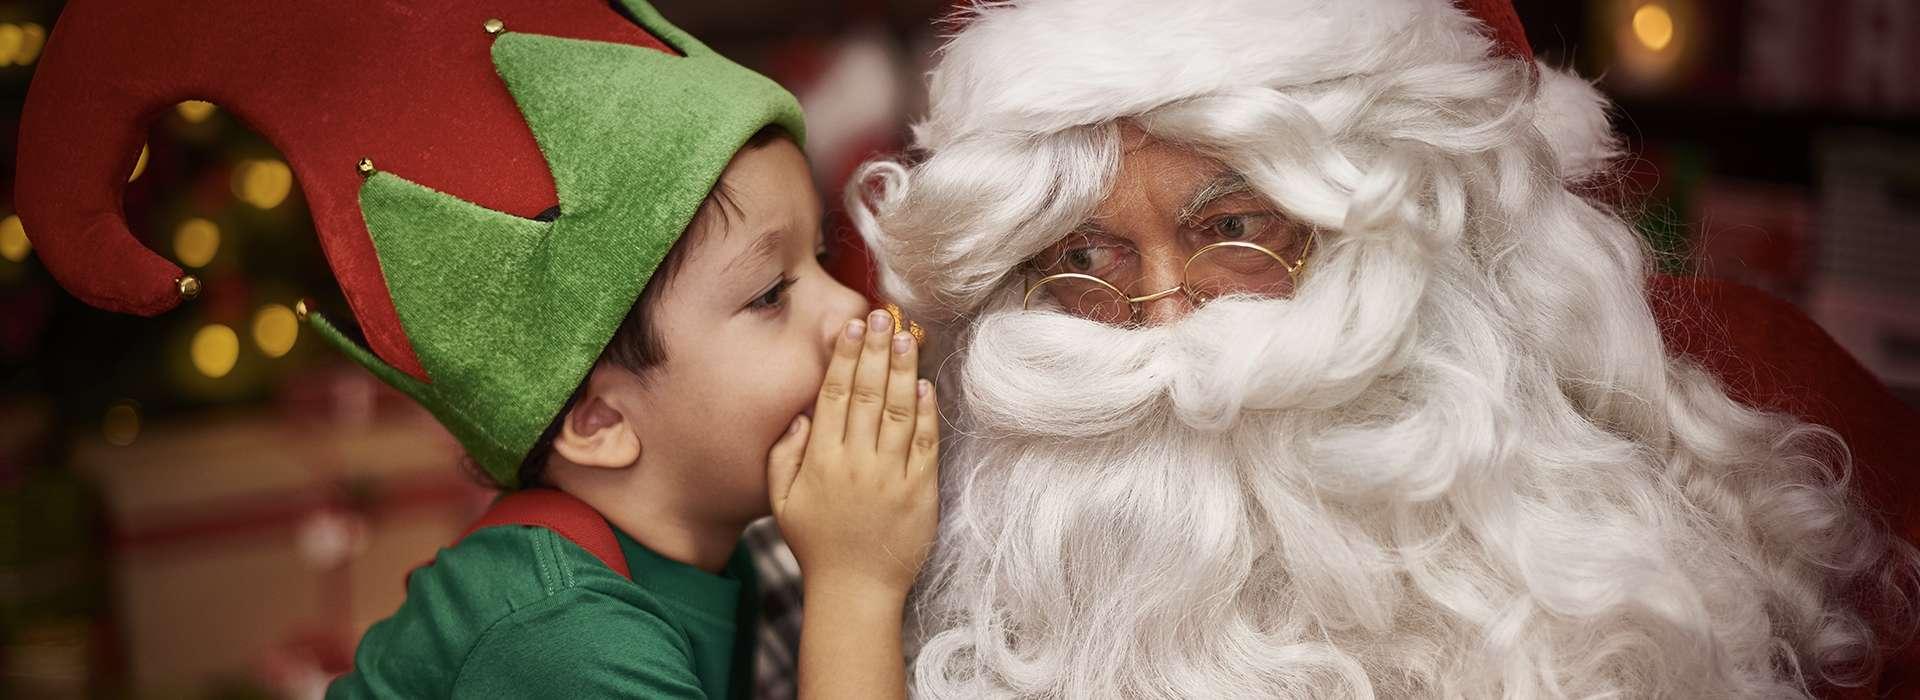 Slider d'images de l'animation Père Noël en centre commercial